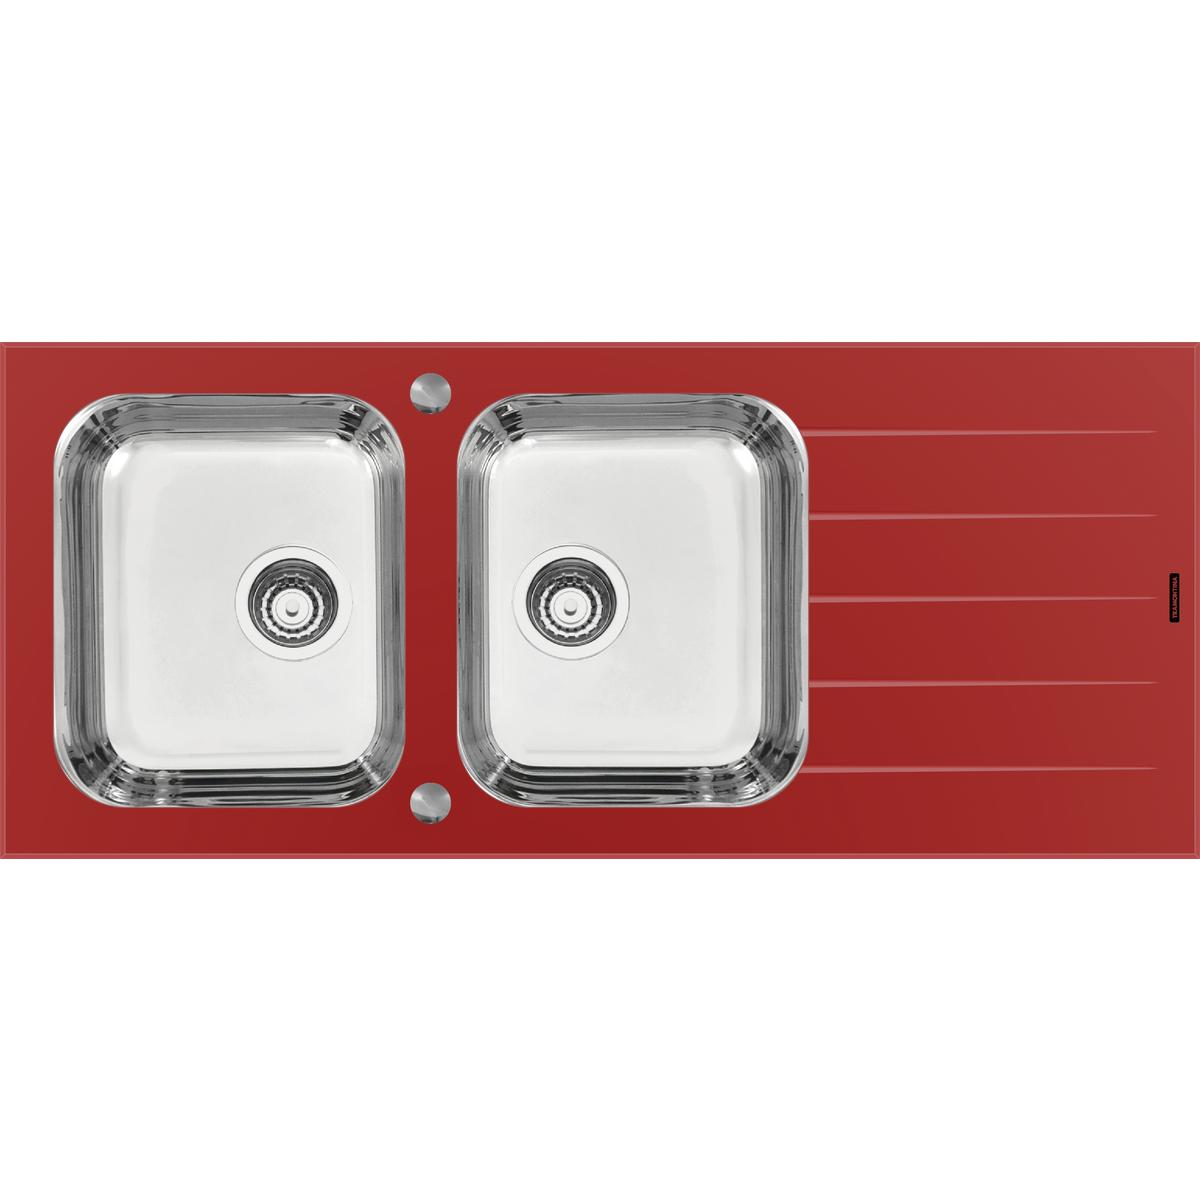 Tramontina - Fregadero de empotrar Tramontina 2 cubetas de acero inoxidable  y vidrio templado rojo 829d23b92d69